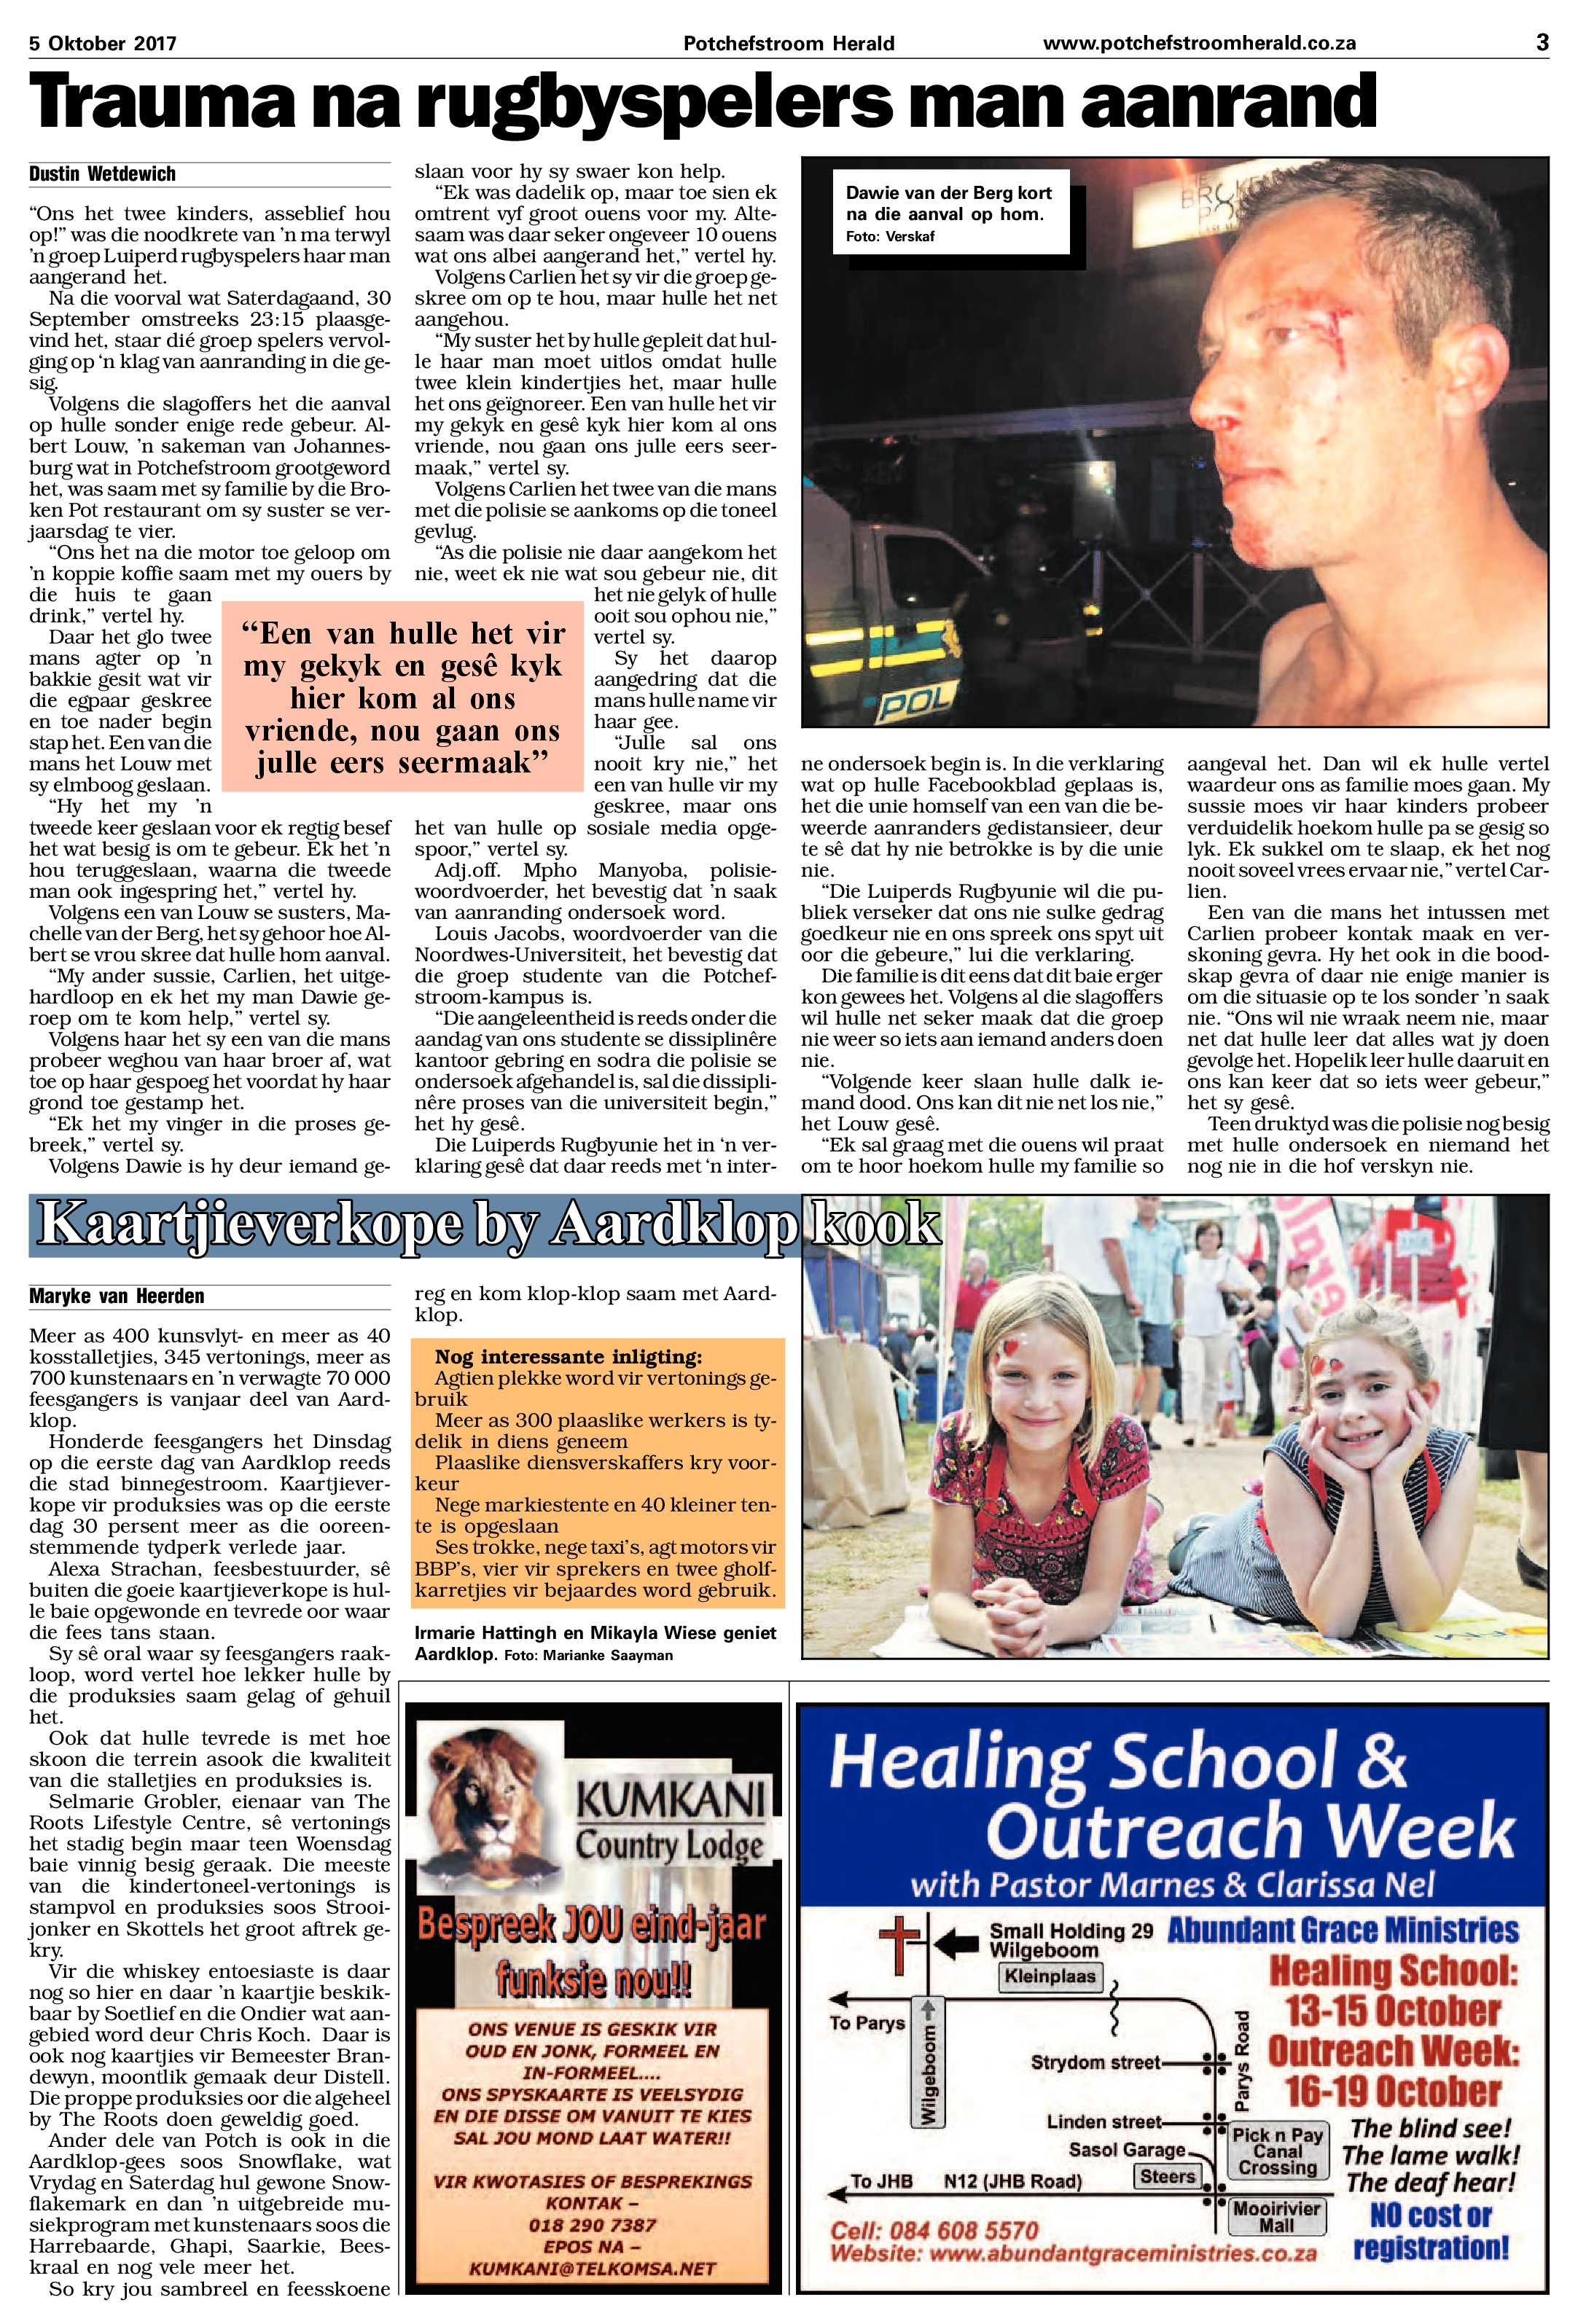 5-oktober-2017-epapers-page-3